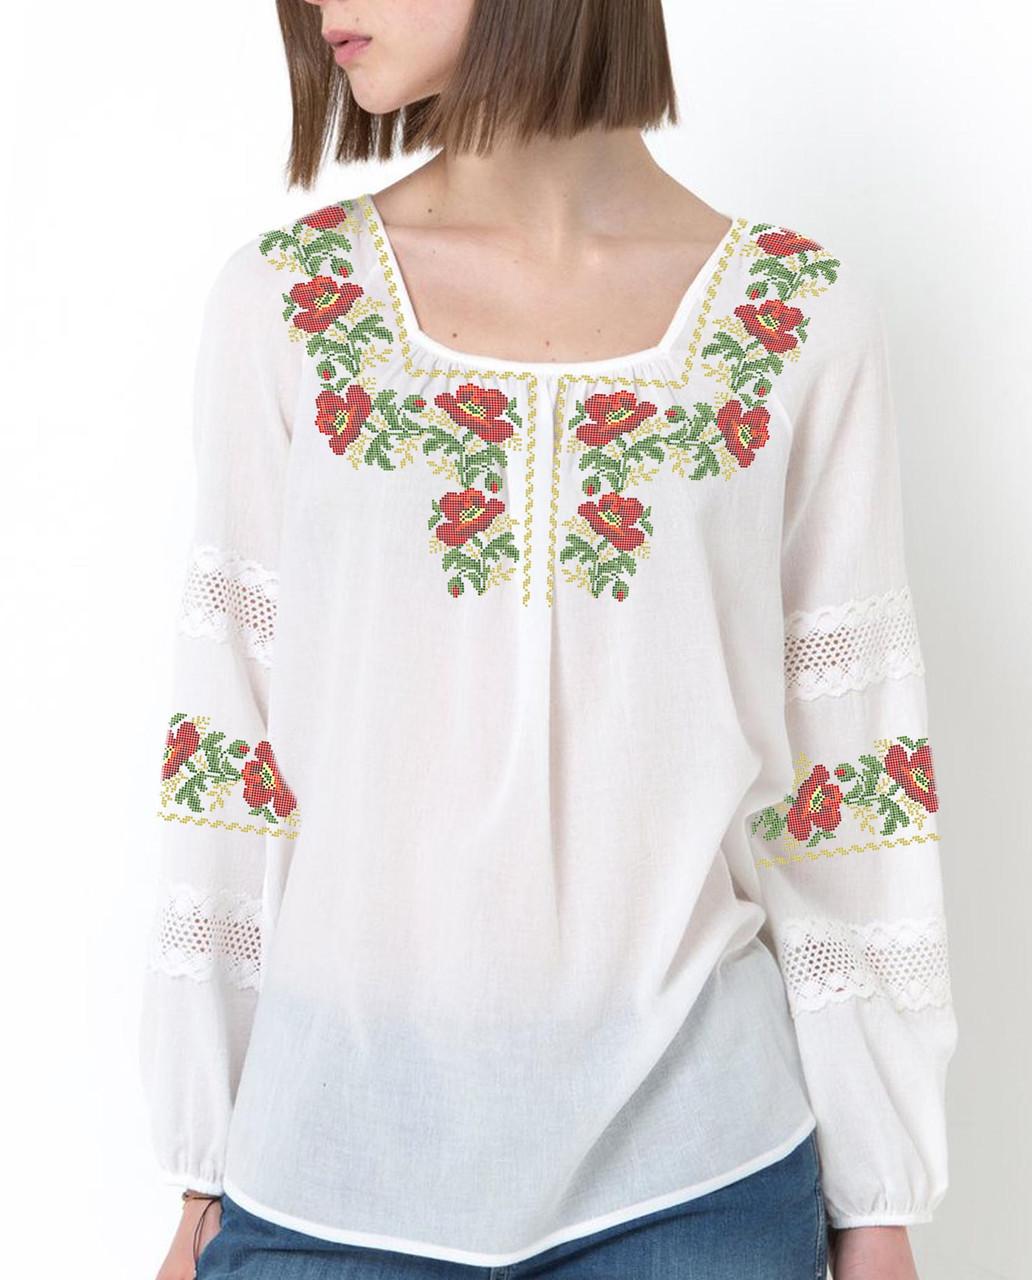 Заготовка вышиванки женской сорочки / блузы для вышивки бисером  «Маки в орнаменті»